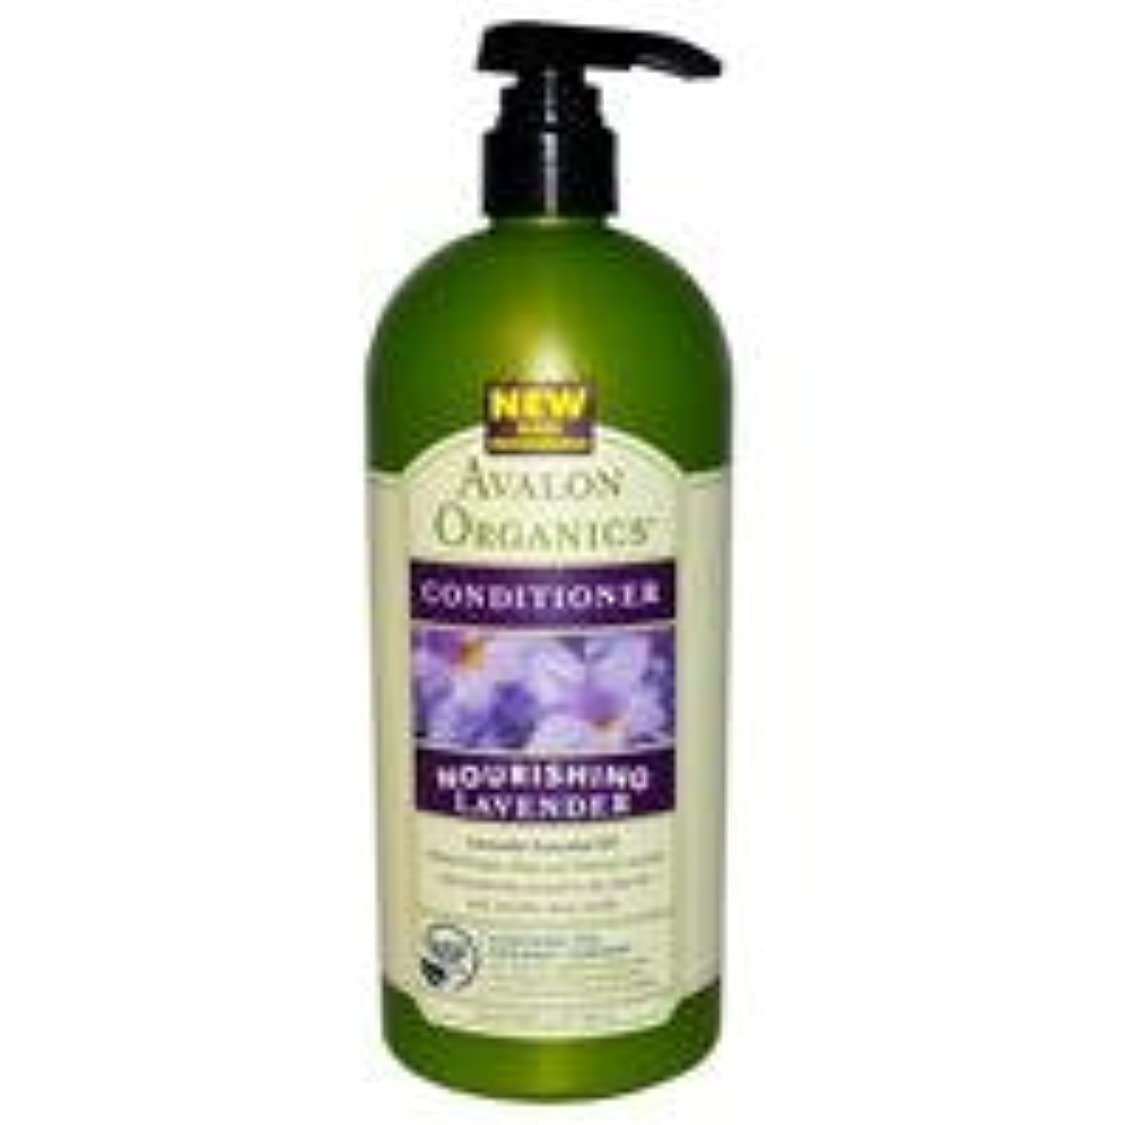 ドナウ川もっともらしい二[海外直送品] アバロンオーガニック(Avalon Organics) コンディショナー ラベンダーの香り 907g